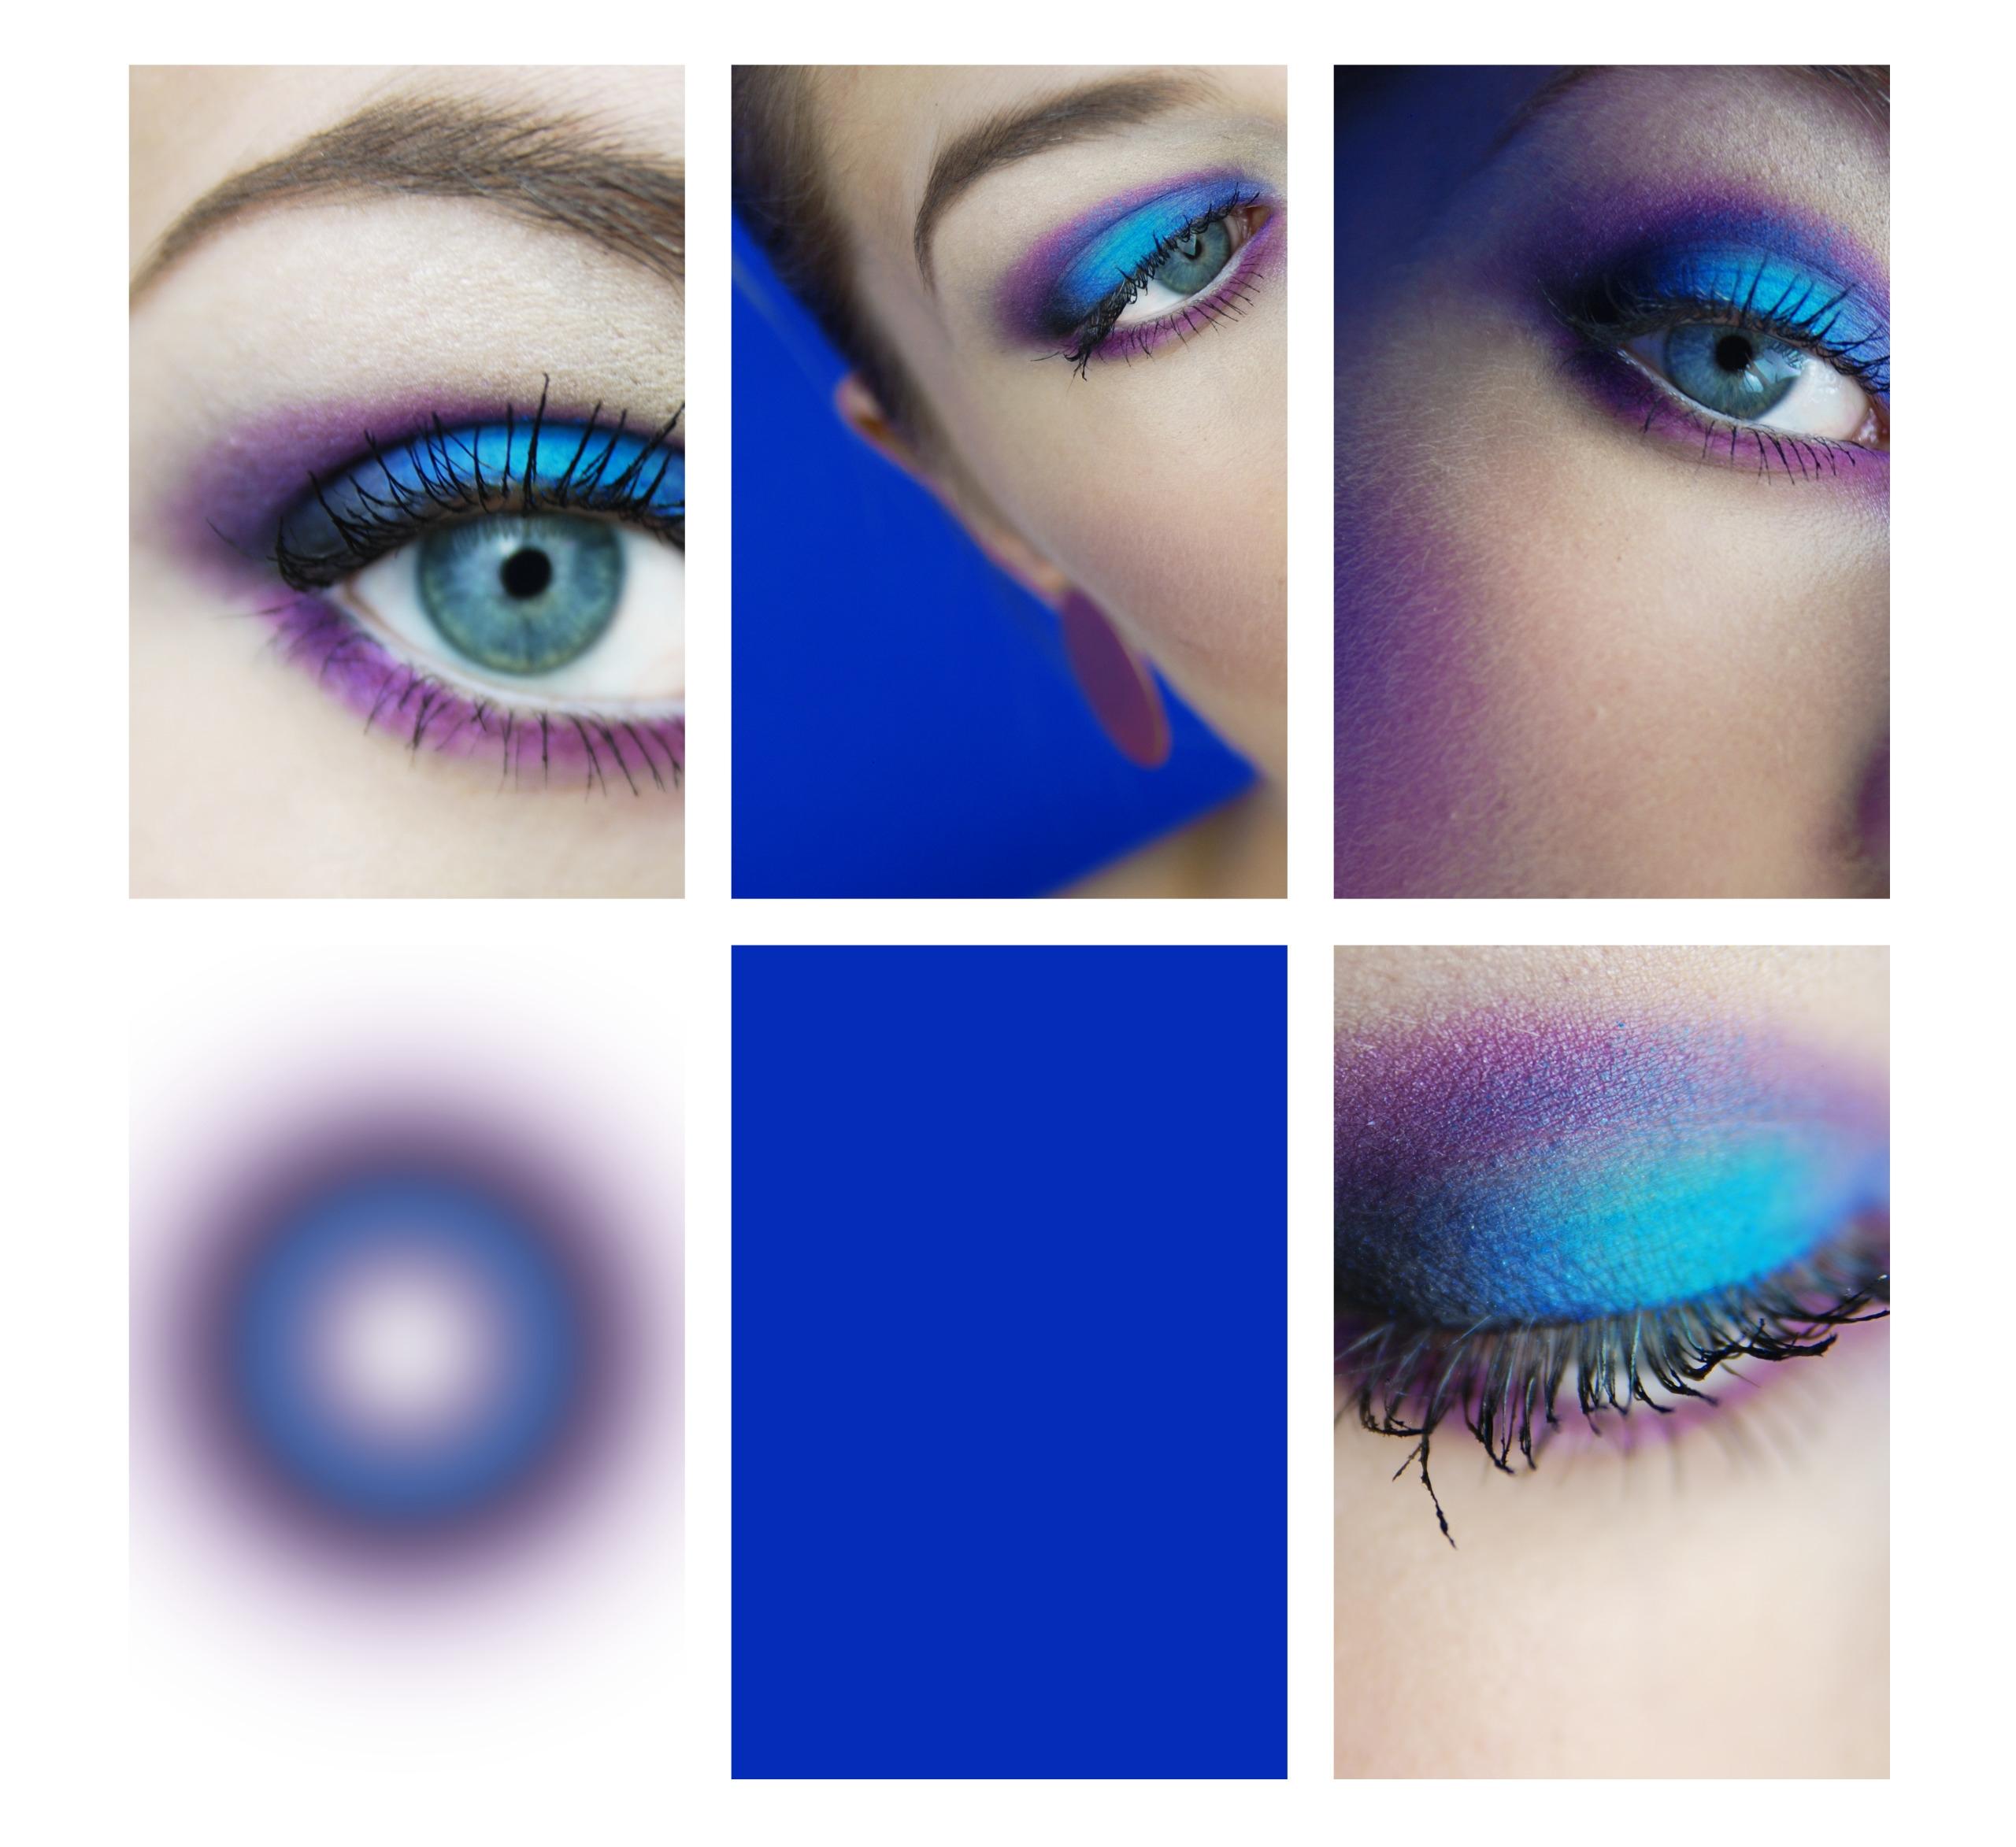 Zdjęcie podzielone jest na sześć części. Cztery z nich przedstawiają oczy młodej kobiety w makijażu w kolorach niebiesko-fioletowych. Jedno z nich jest w całości wypełnione kolorem niebieskim, a jedno z nich przedstawia rozmyte koło w kolorach niebiesko-fioletowych.